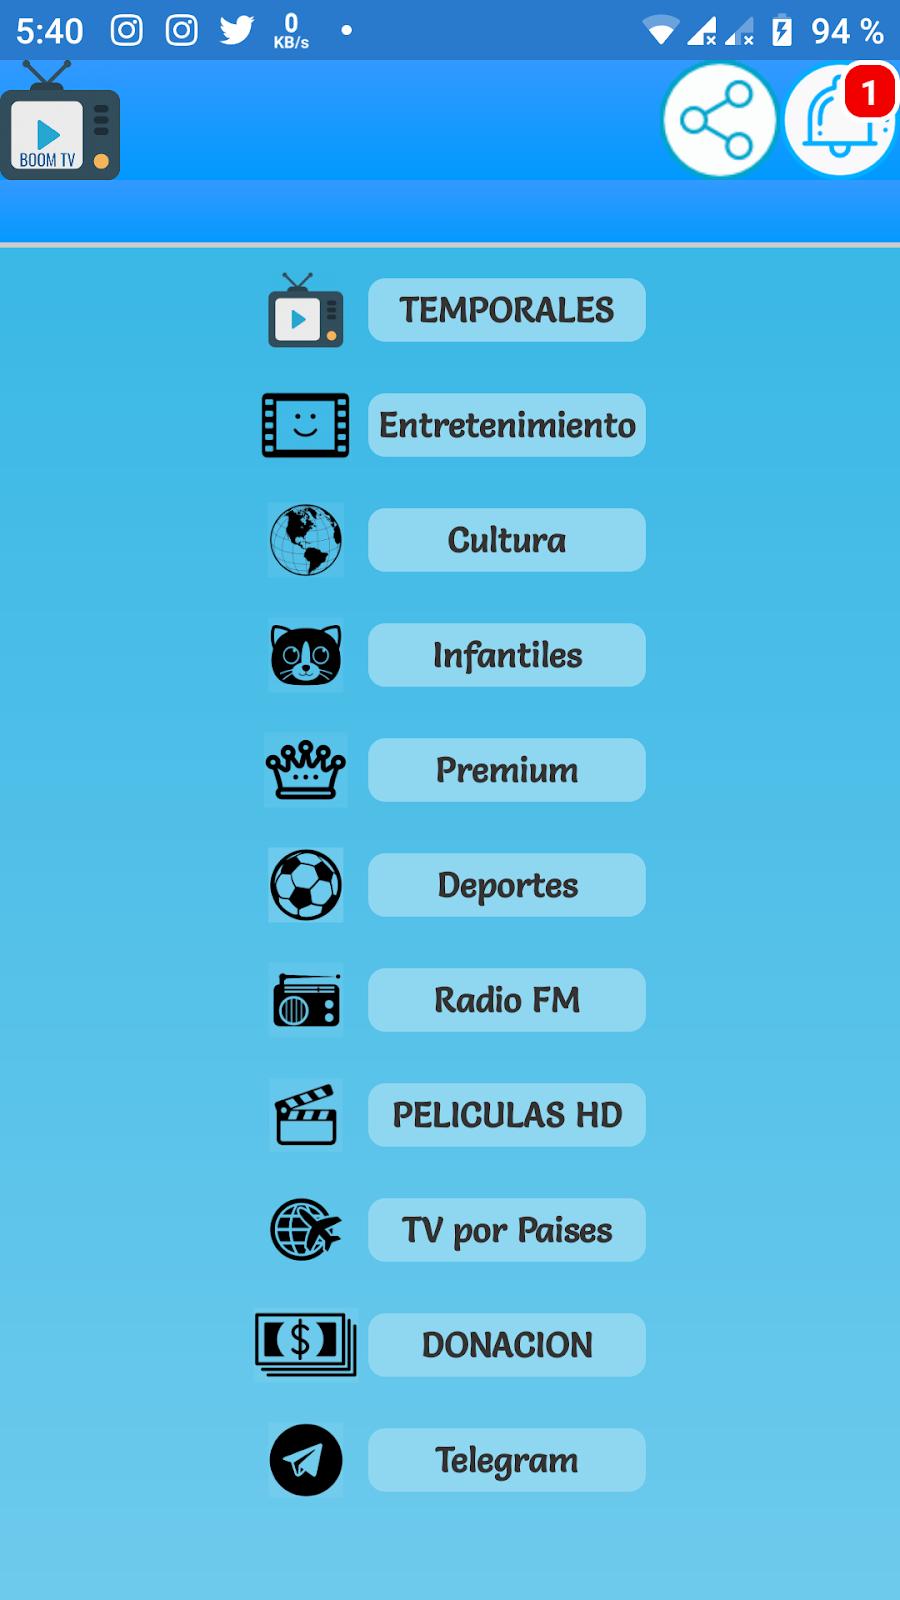 BOOM TV / Android / TV / Películas en HD